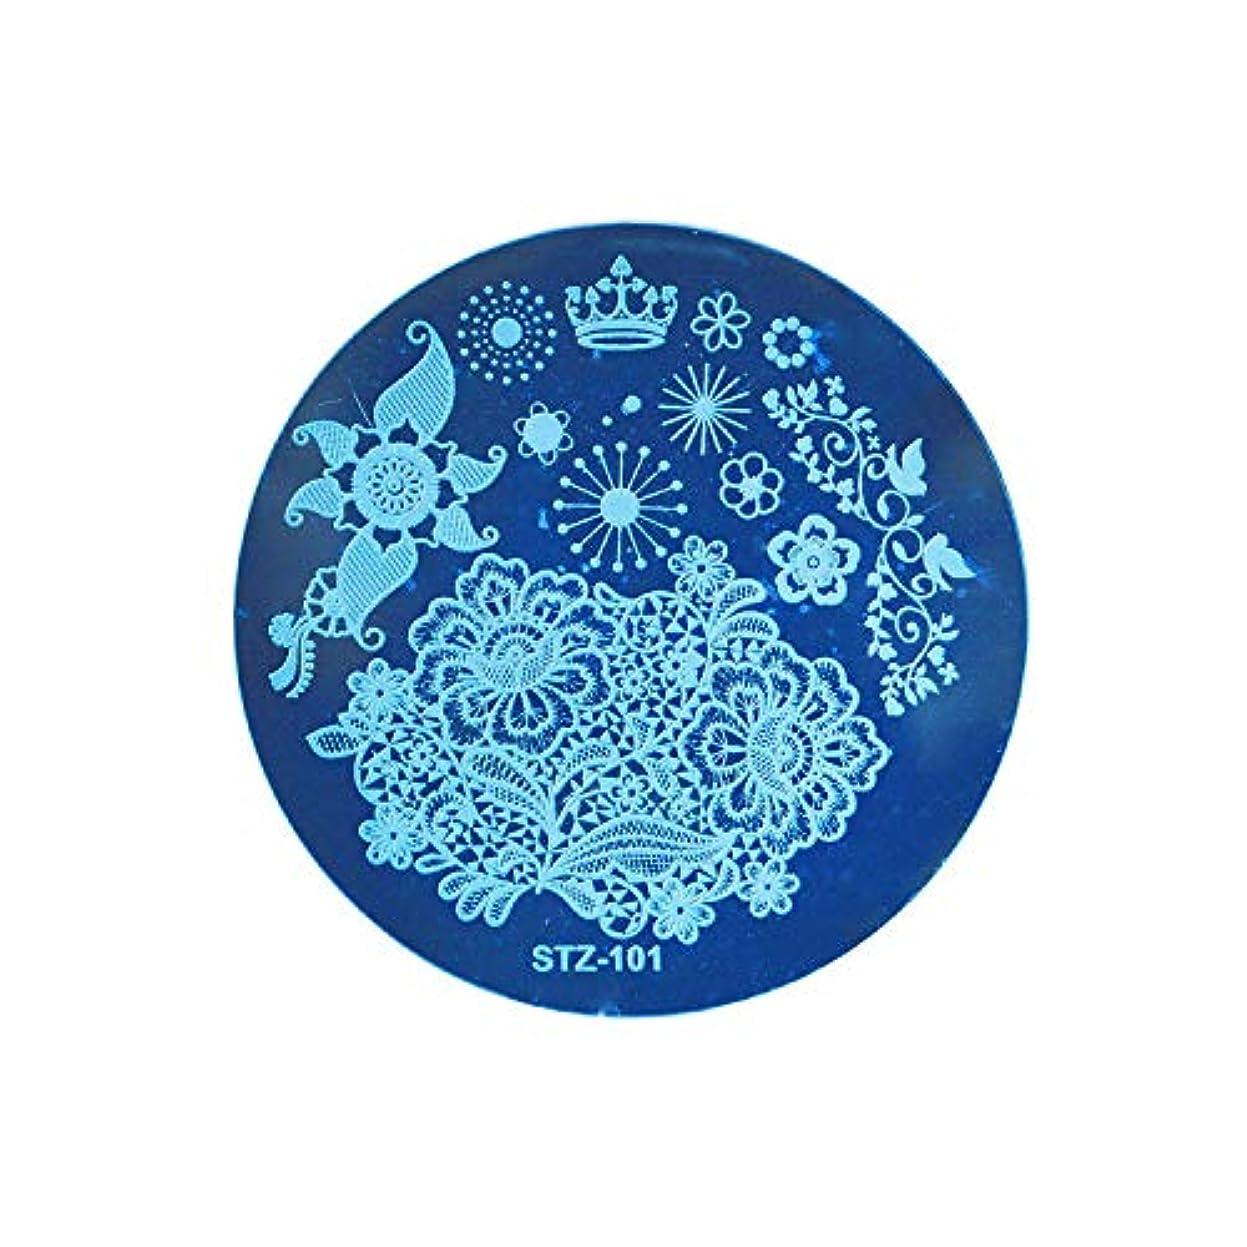 発見カブいろいろネイルアートスタンピングテンプレートDIYポーランドスタンパーマニキュアプリントネイルスタンピングプレートレースフラワーイメージペイントステンシルネイルアートキット,BBA129A